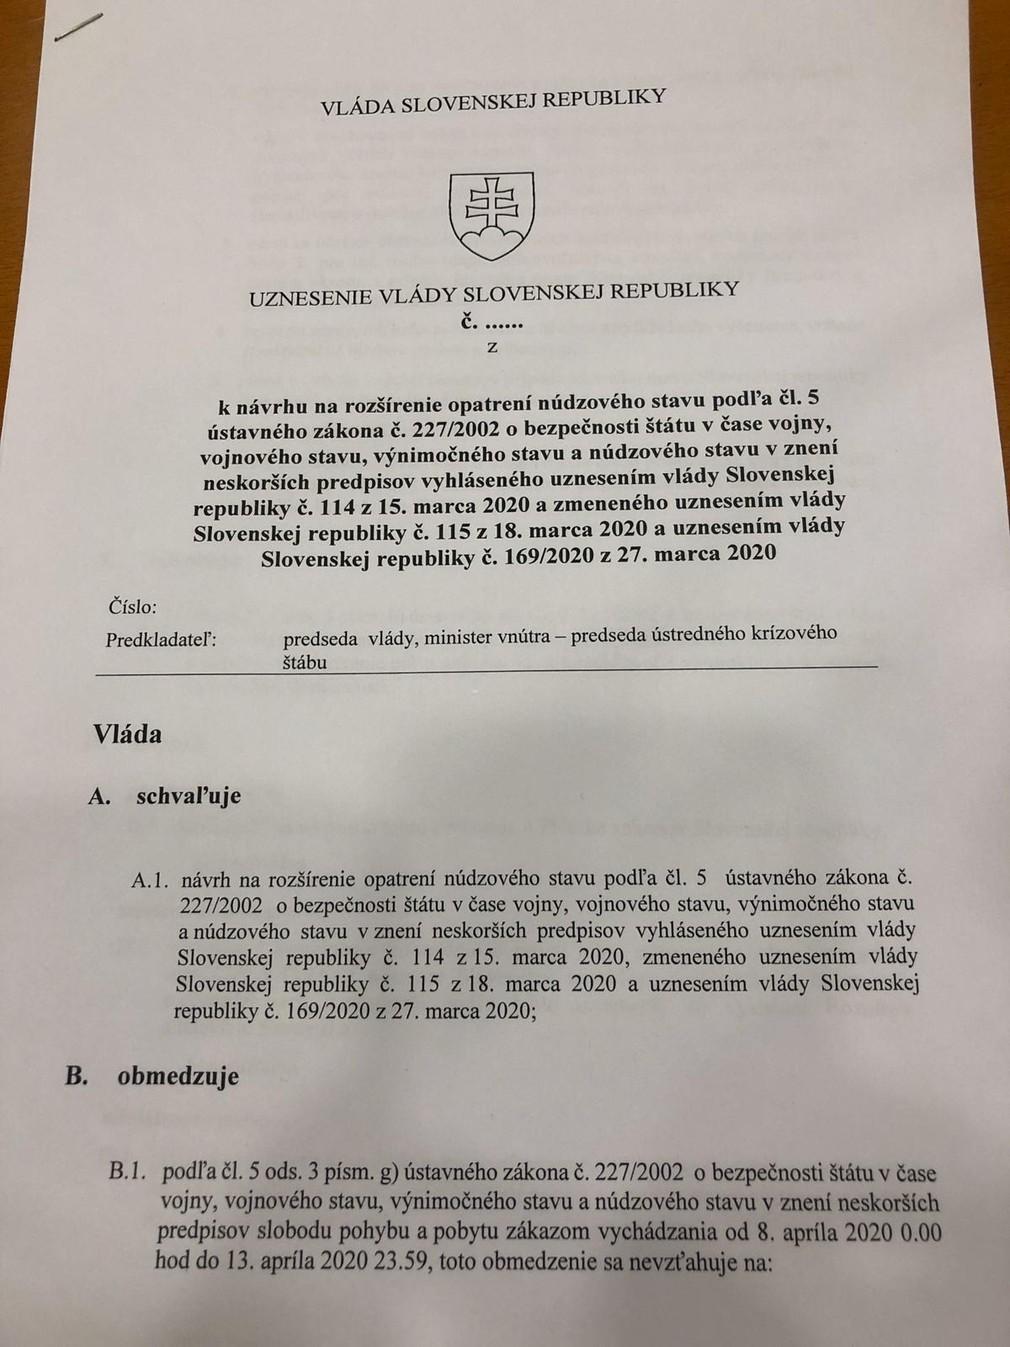 Uznesenie vlády o zákazu pohybu osôb na obdobie od 8.4. až 13.4.